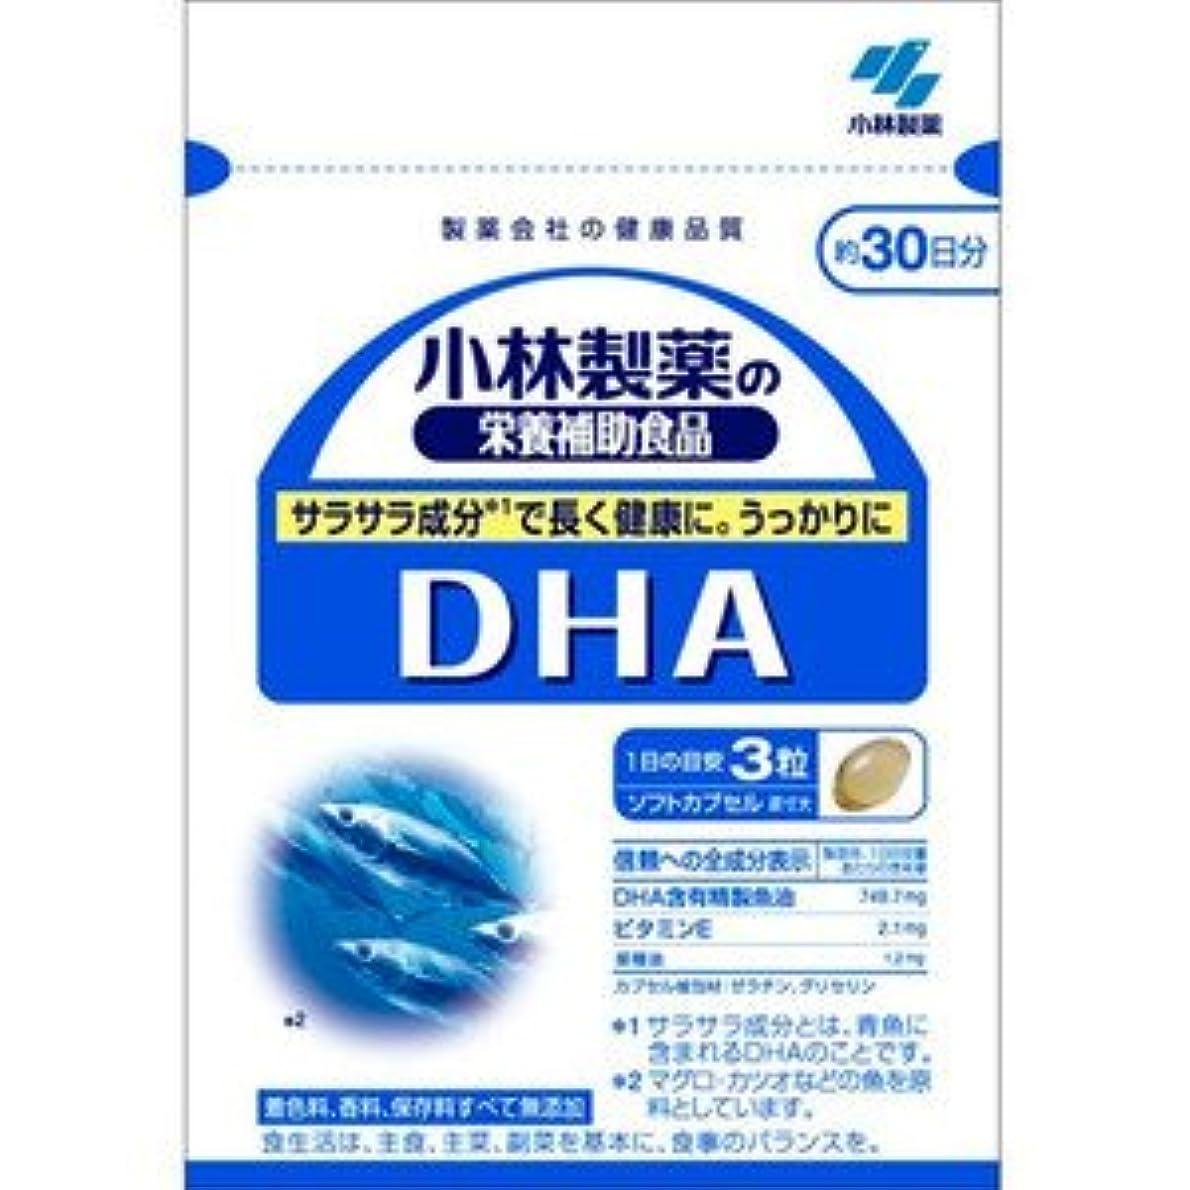 シャット究極のジム【小林製薬】DHA 90粒(お買い得3個セット)